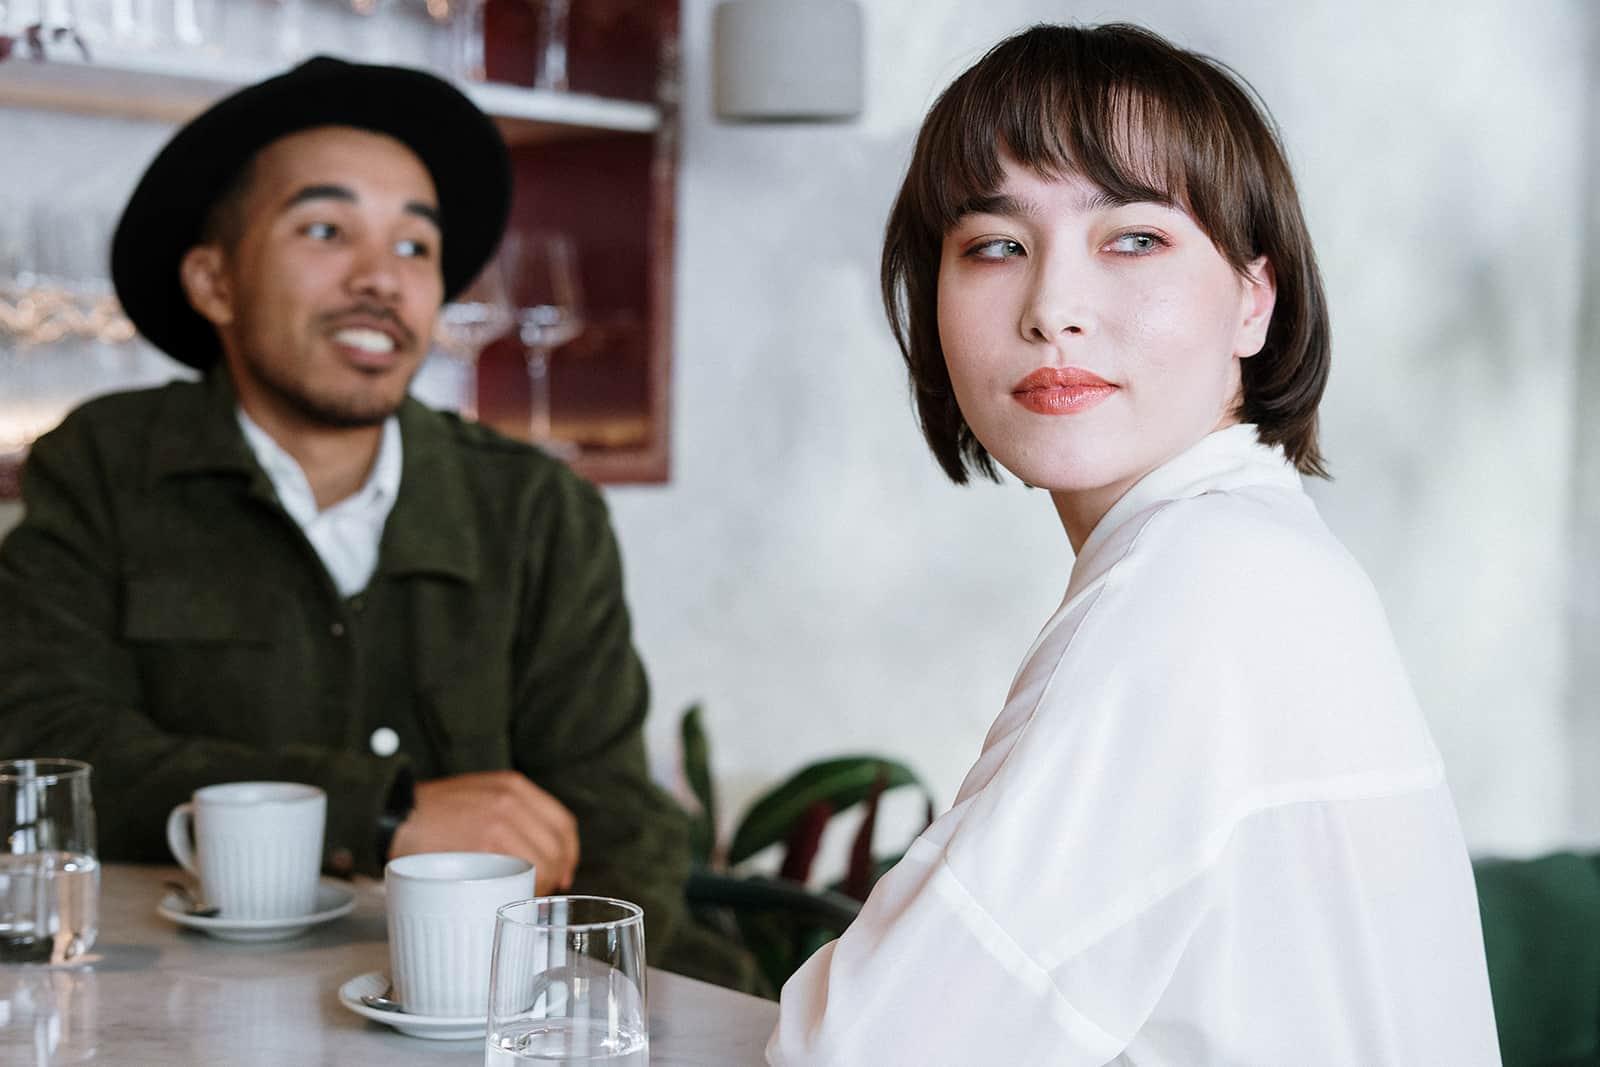 eine nachdenkliche Frau, die mit einem Freund in einem Café sitzt und den Kopf dreht, während er spricht